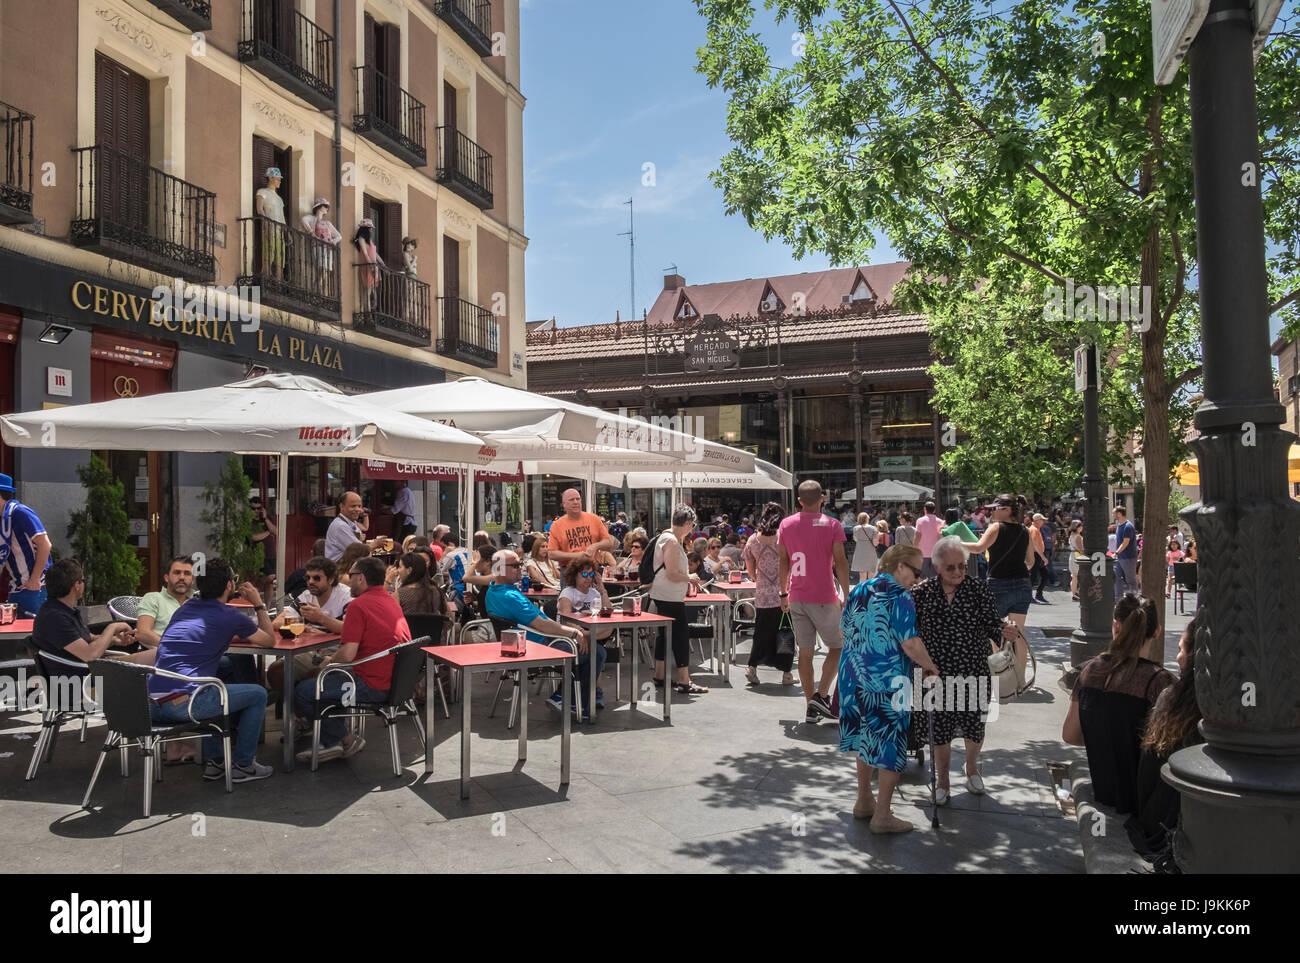 Outdoor cafes next to the popular indoor food market Mercado De San Miguel (Market of San Miguel), Plaza de San - Stock Image